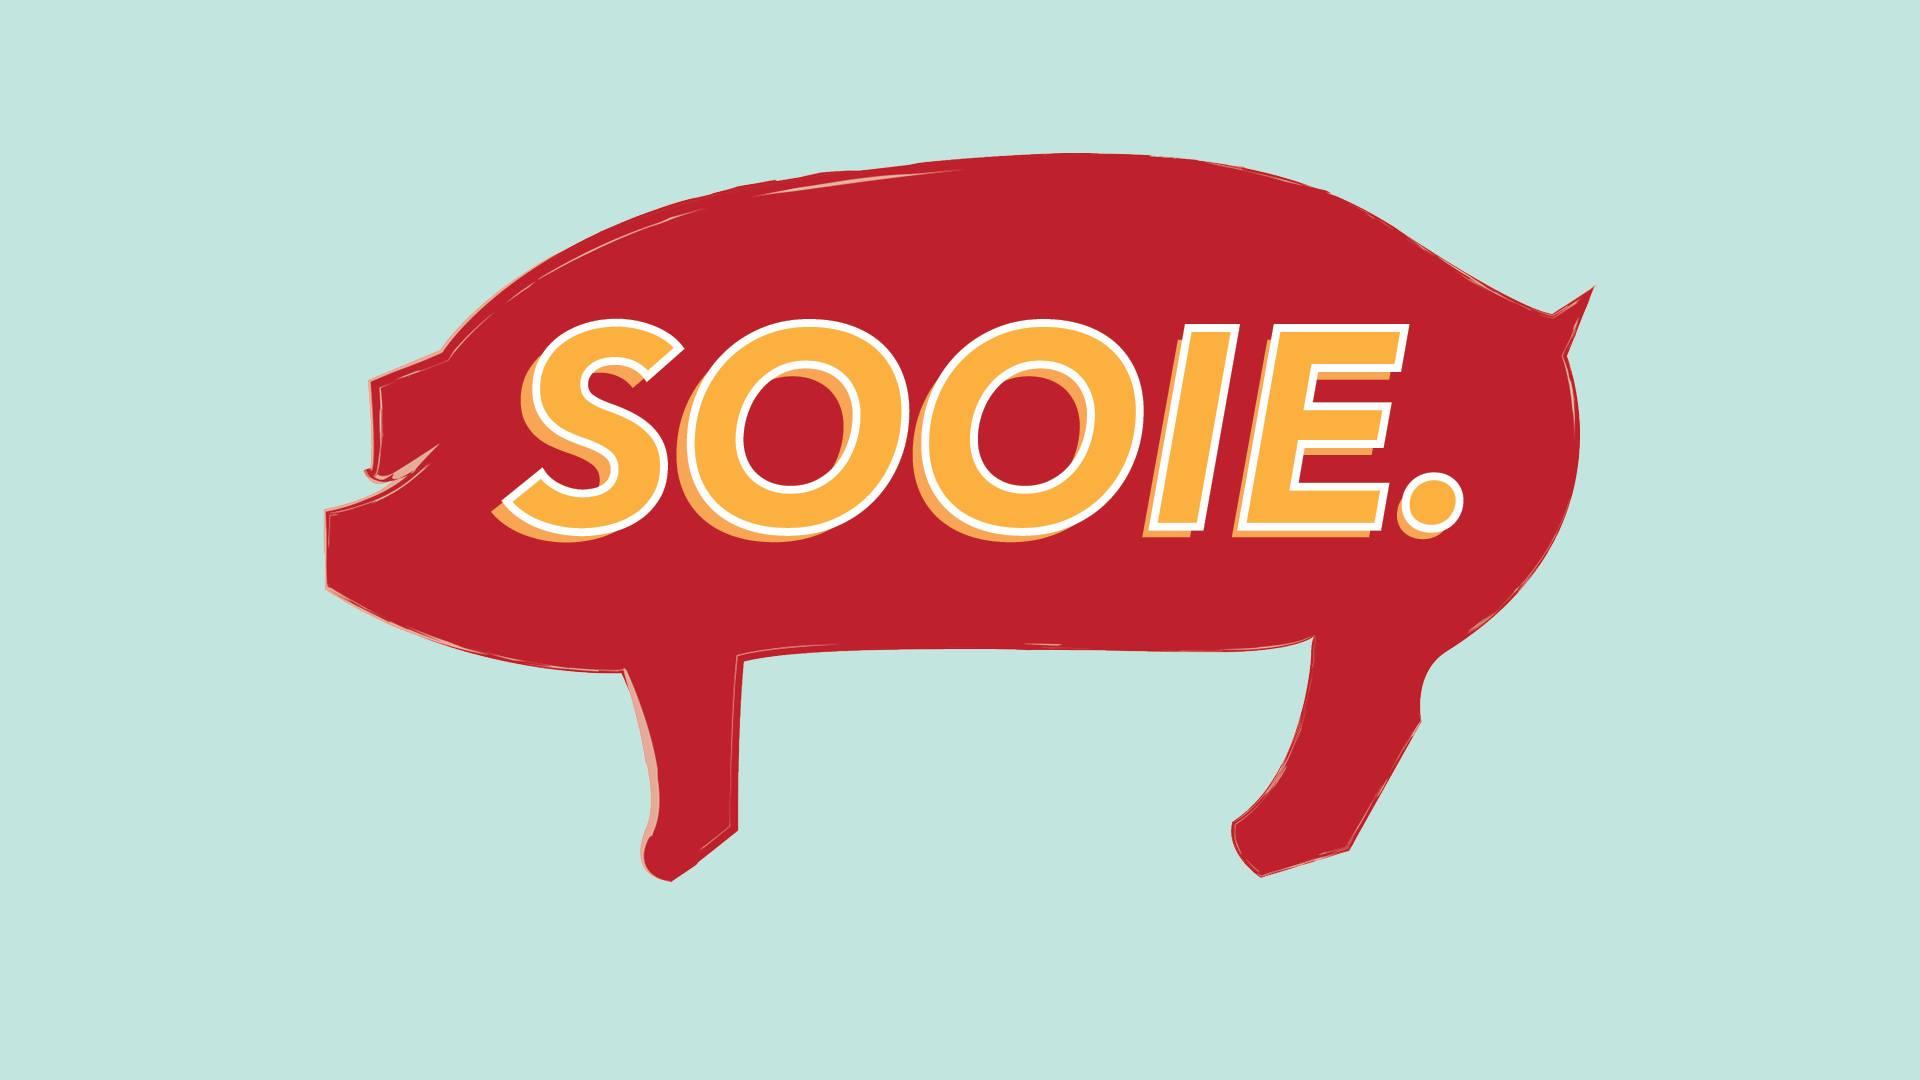 Sooie logo (Courtesy: City of Mauldin)